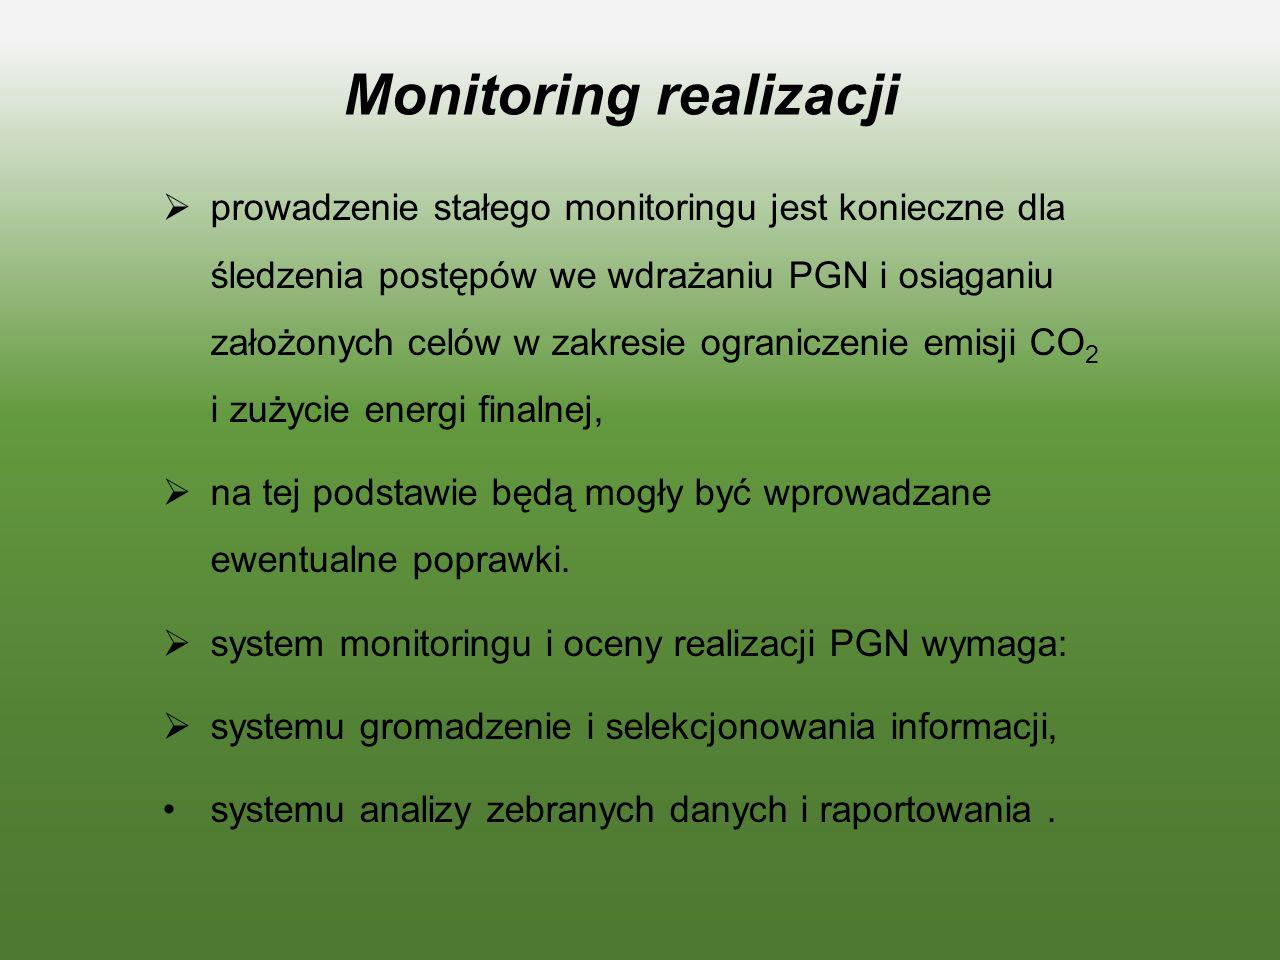  prowadzenie stałego monitoringu jest konieczne dla śledzenia postępów we wdrażaniu PGN i osiąganiu założonych celów w zakresie ograniczenie emisji CO 2 i zużycie energi finalnej,  na tej podstawie będą mogły być wprowadzane ewentualne poprawki.